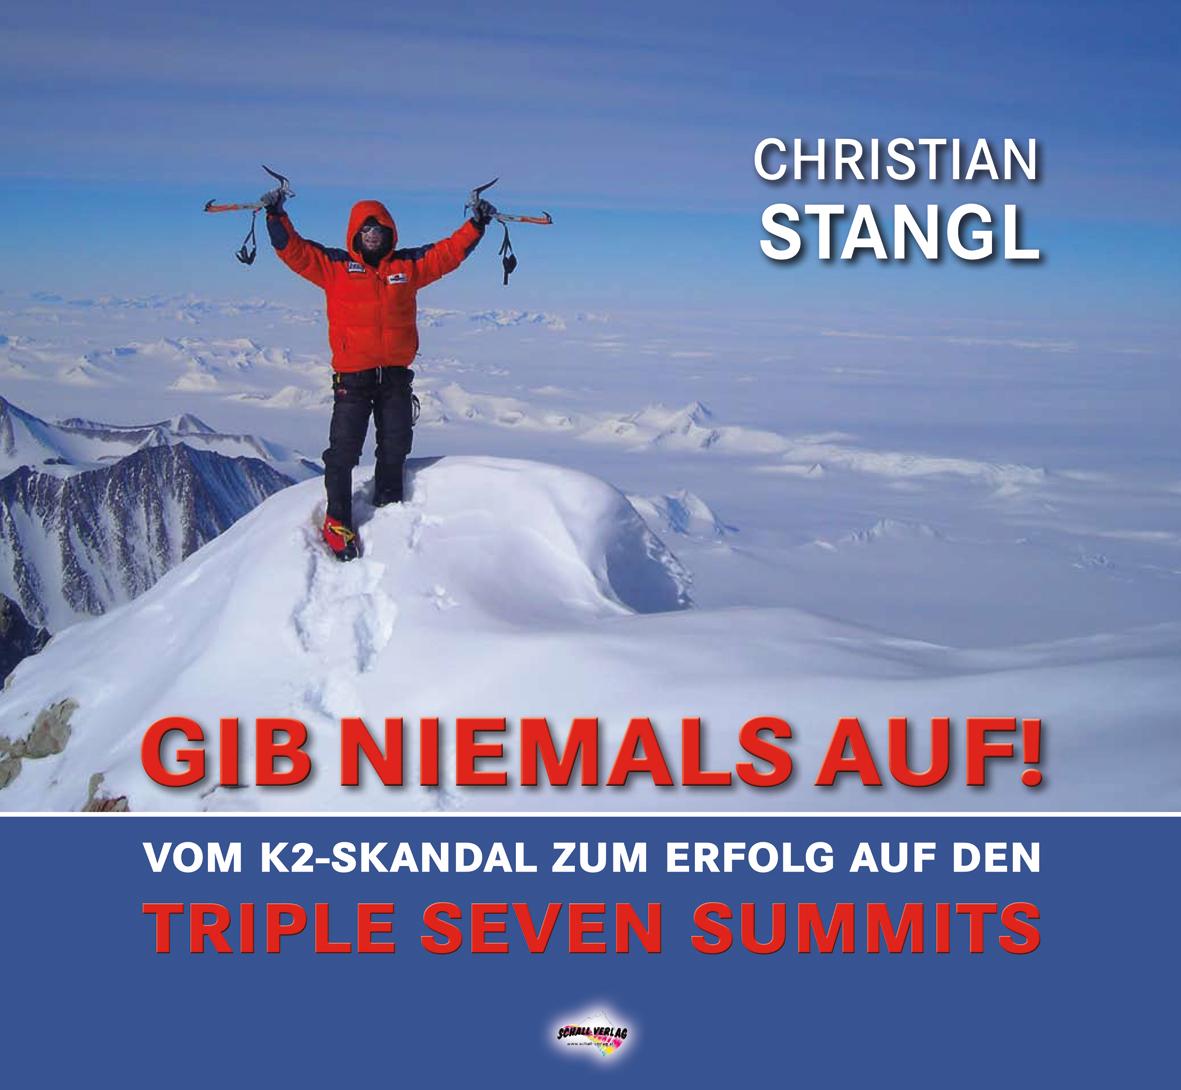 Gib niemals auf !, Christian Stangl